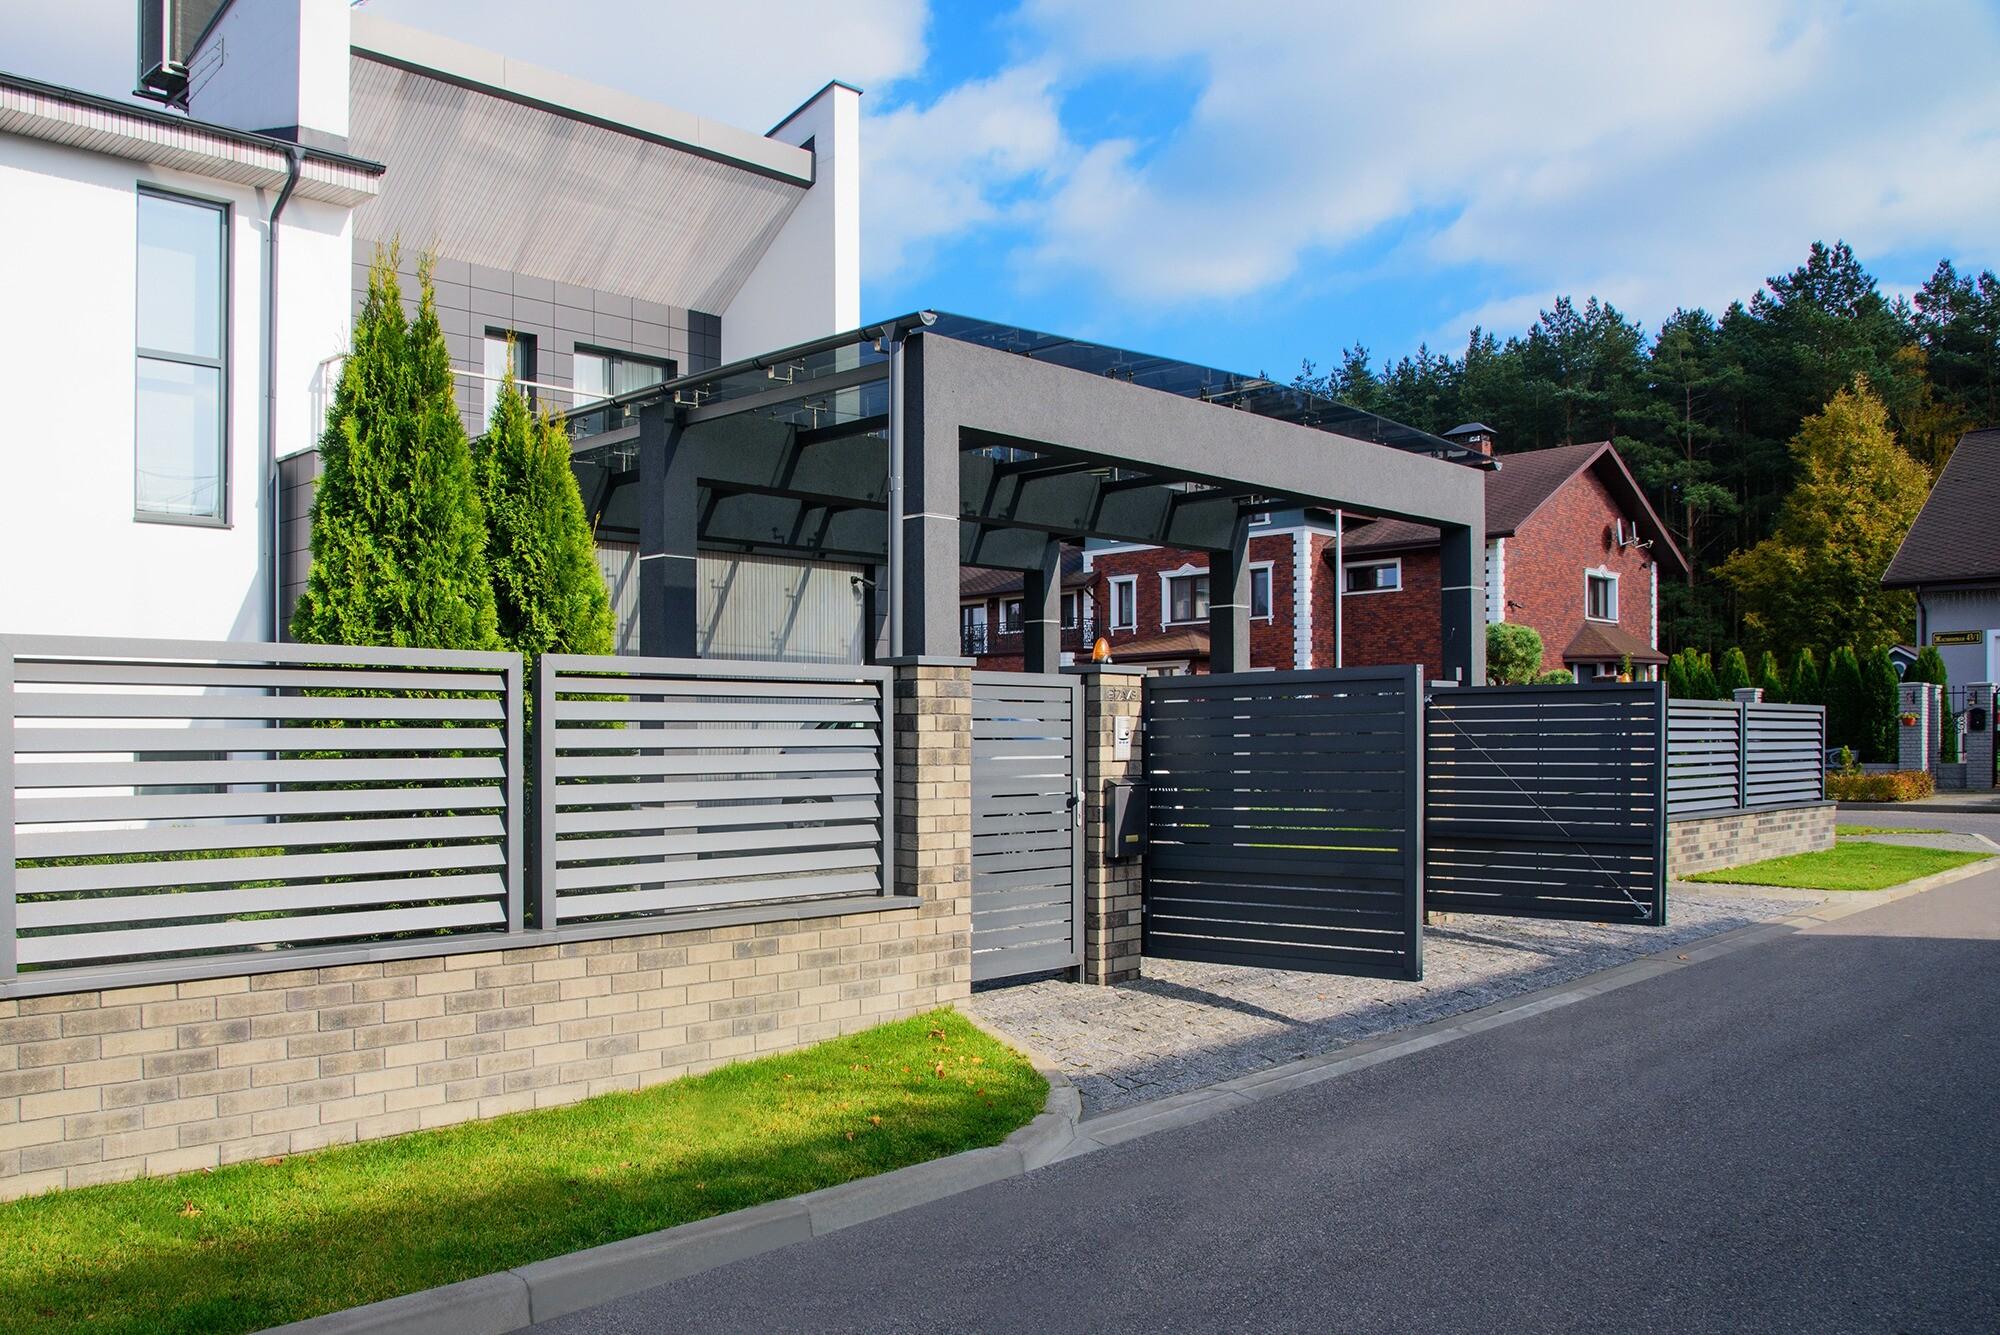 4 причины обновить въездные ворота и забор на своем загородном участке